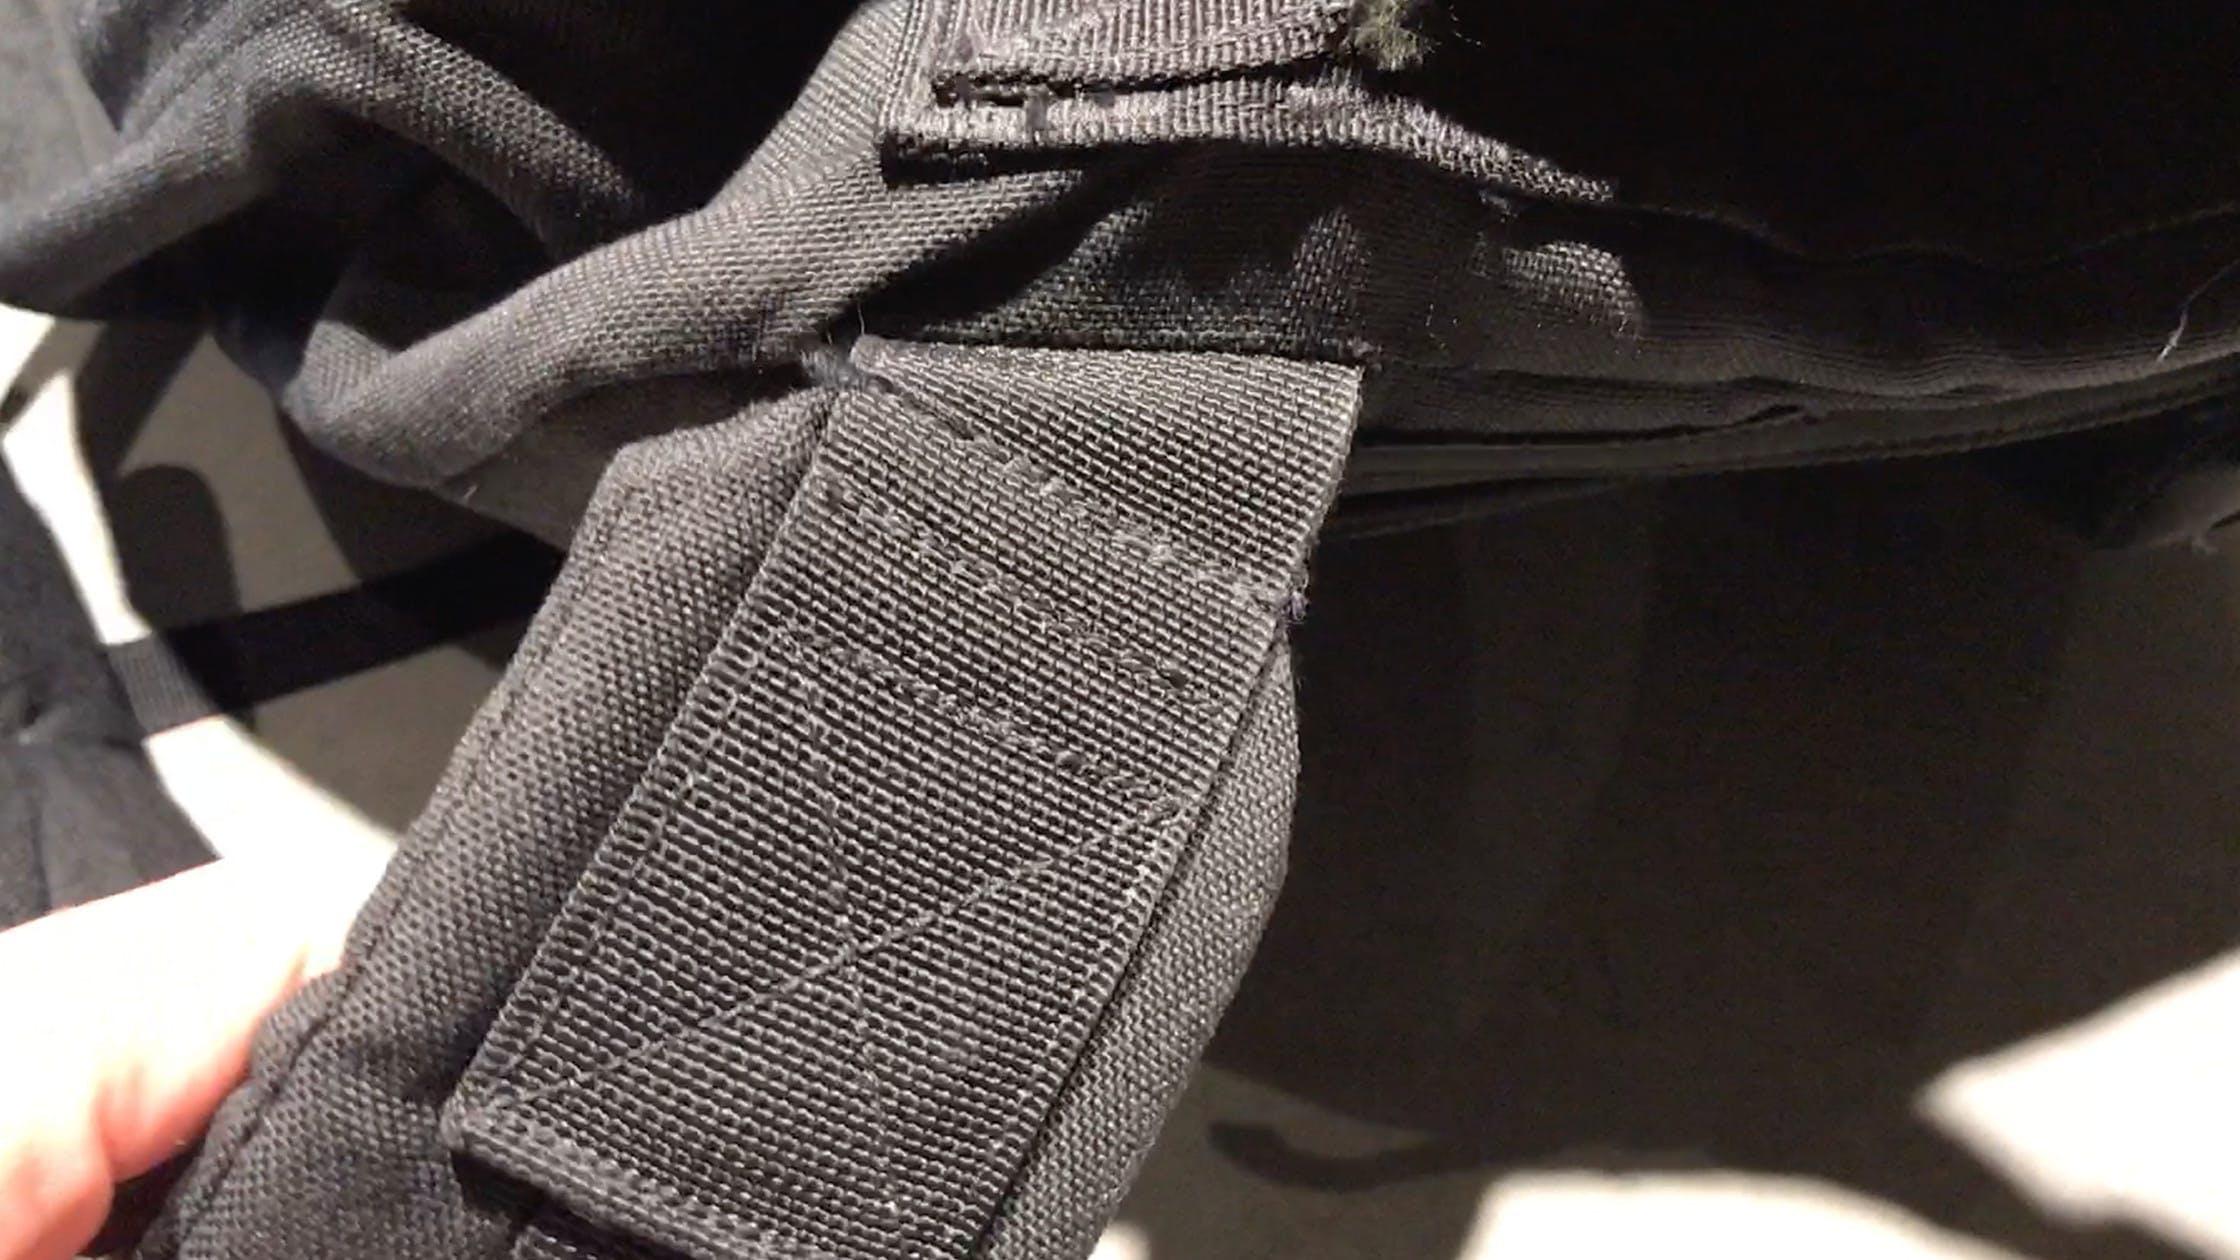 Shoulder Straps on the GORUCK GR2